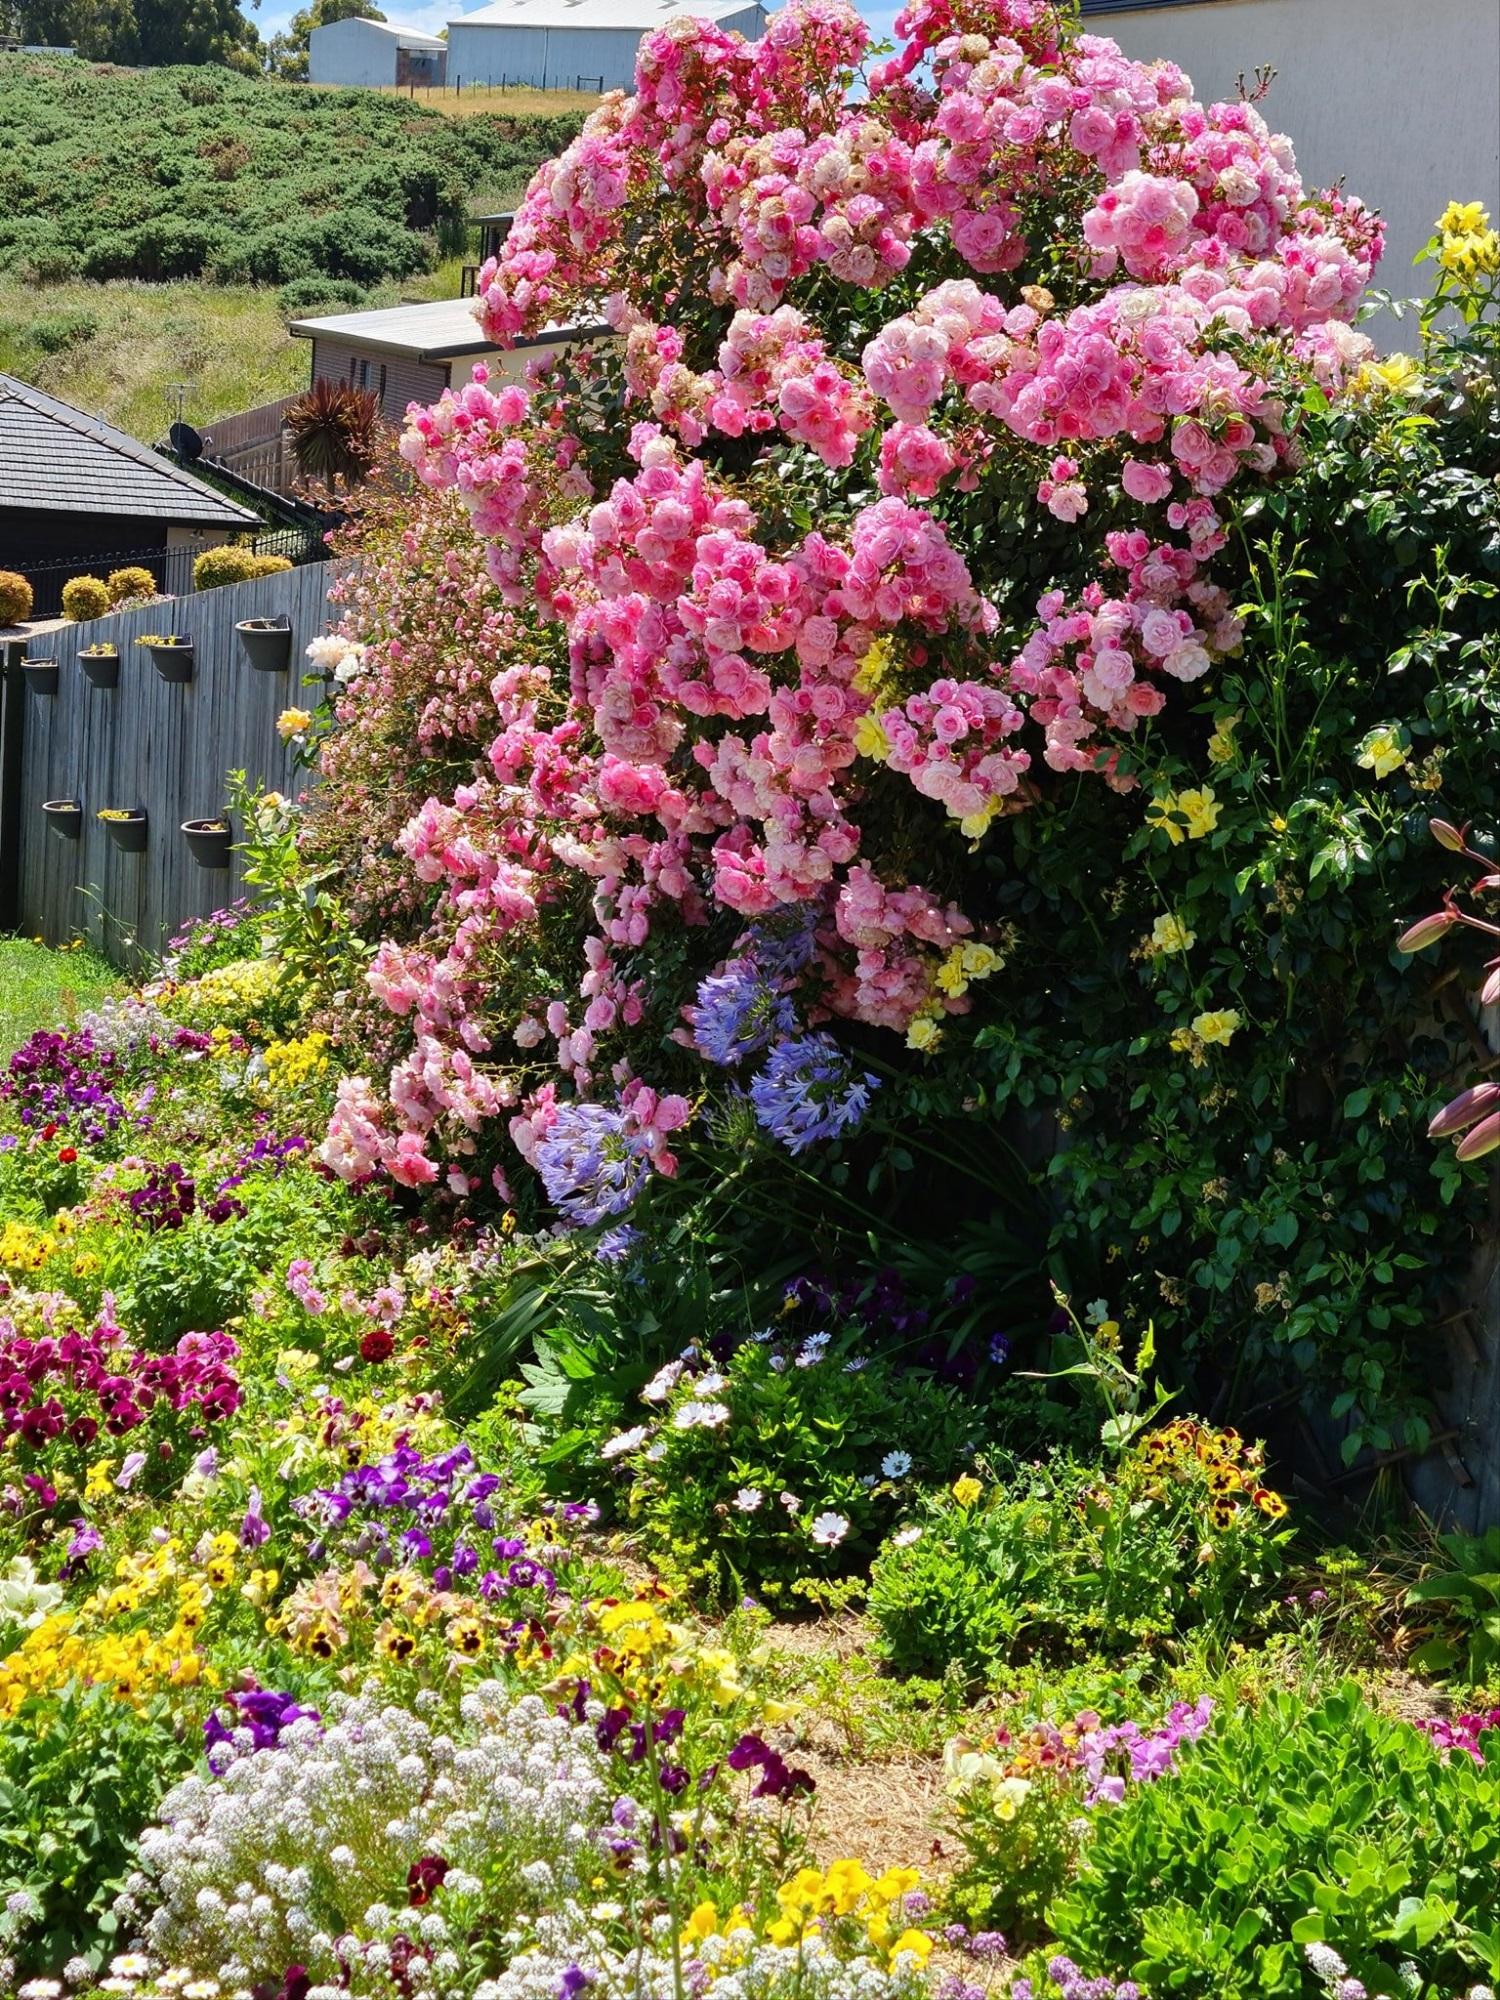 nha hoa hong 5